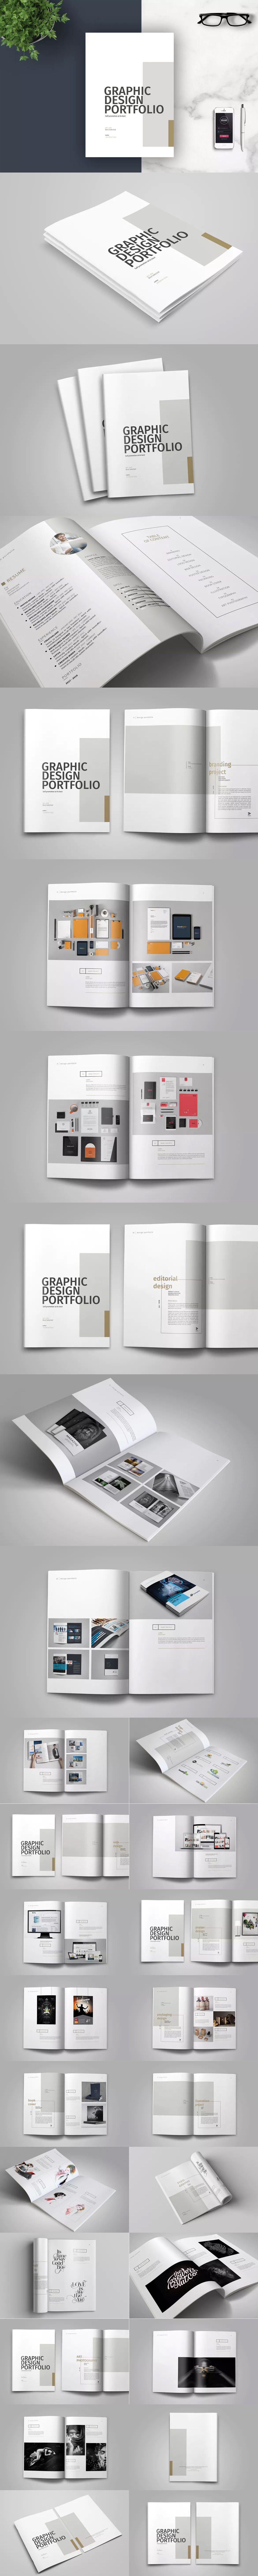 Indesign Interior Design Portfolio Template - design bild